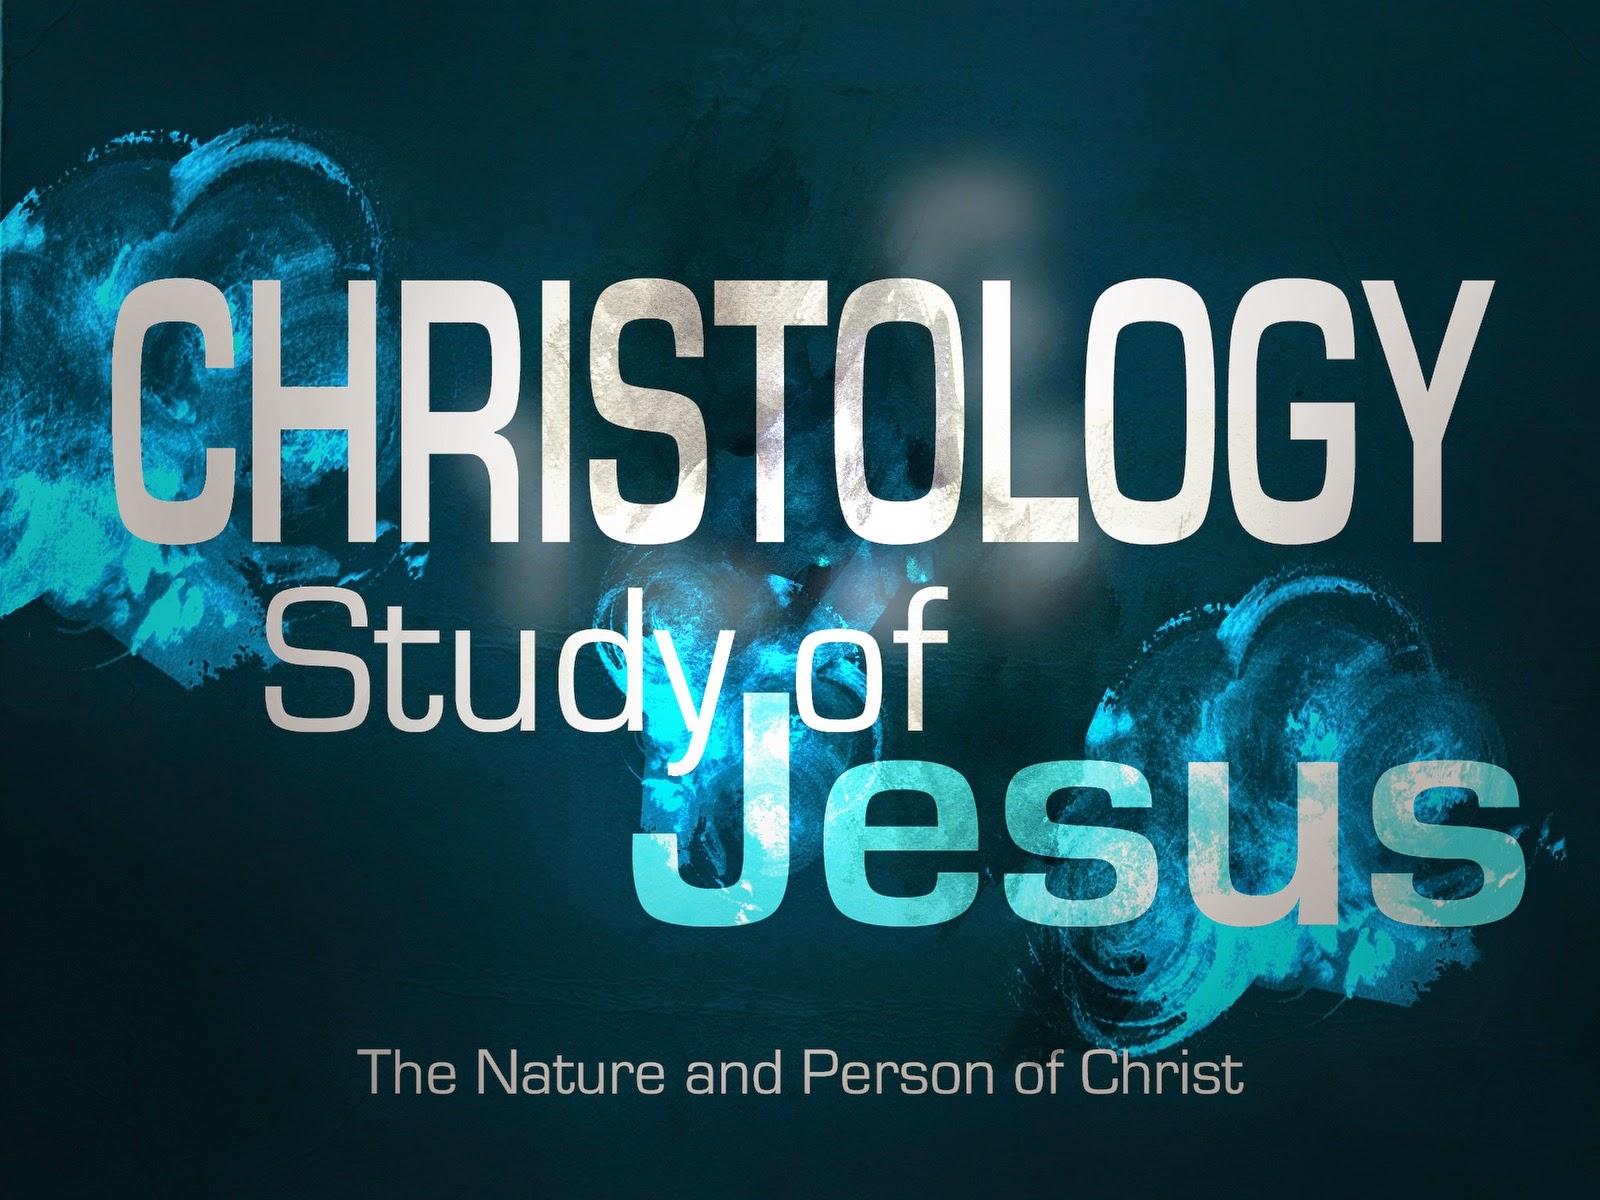 http://1.bp.blogspot.com/-tEIk8-tDC4k/UKq9GyZFNNI/AAAAAAAAAKw/hKMDSxwOfj0/s1600/Christology.png